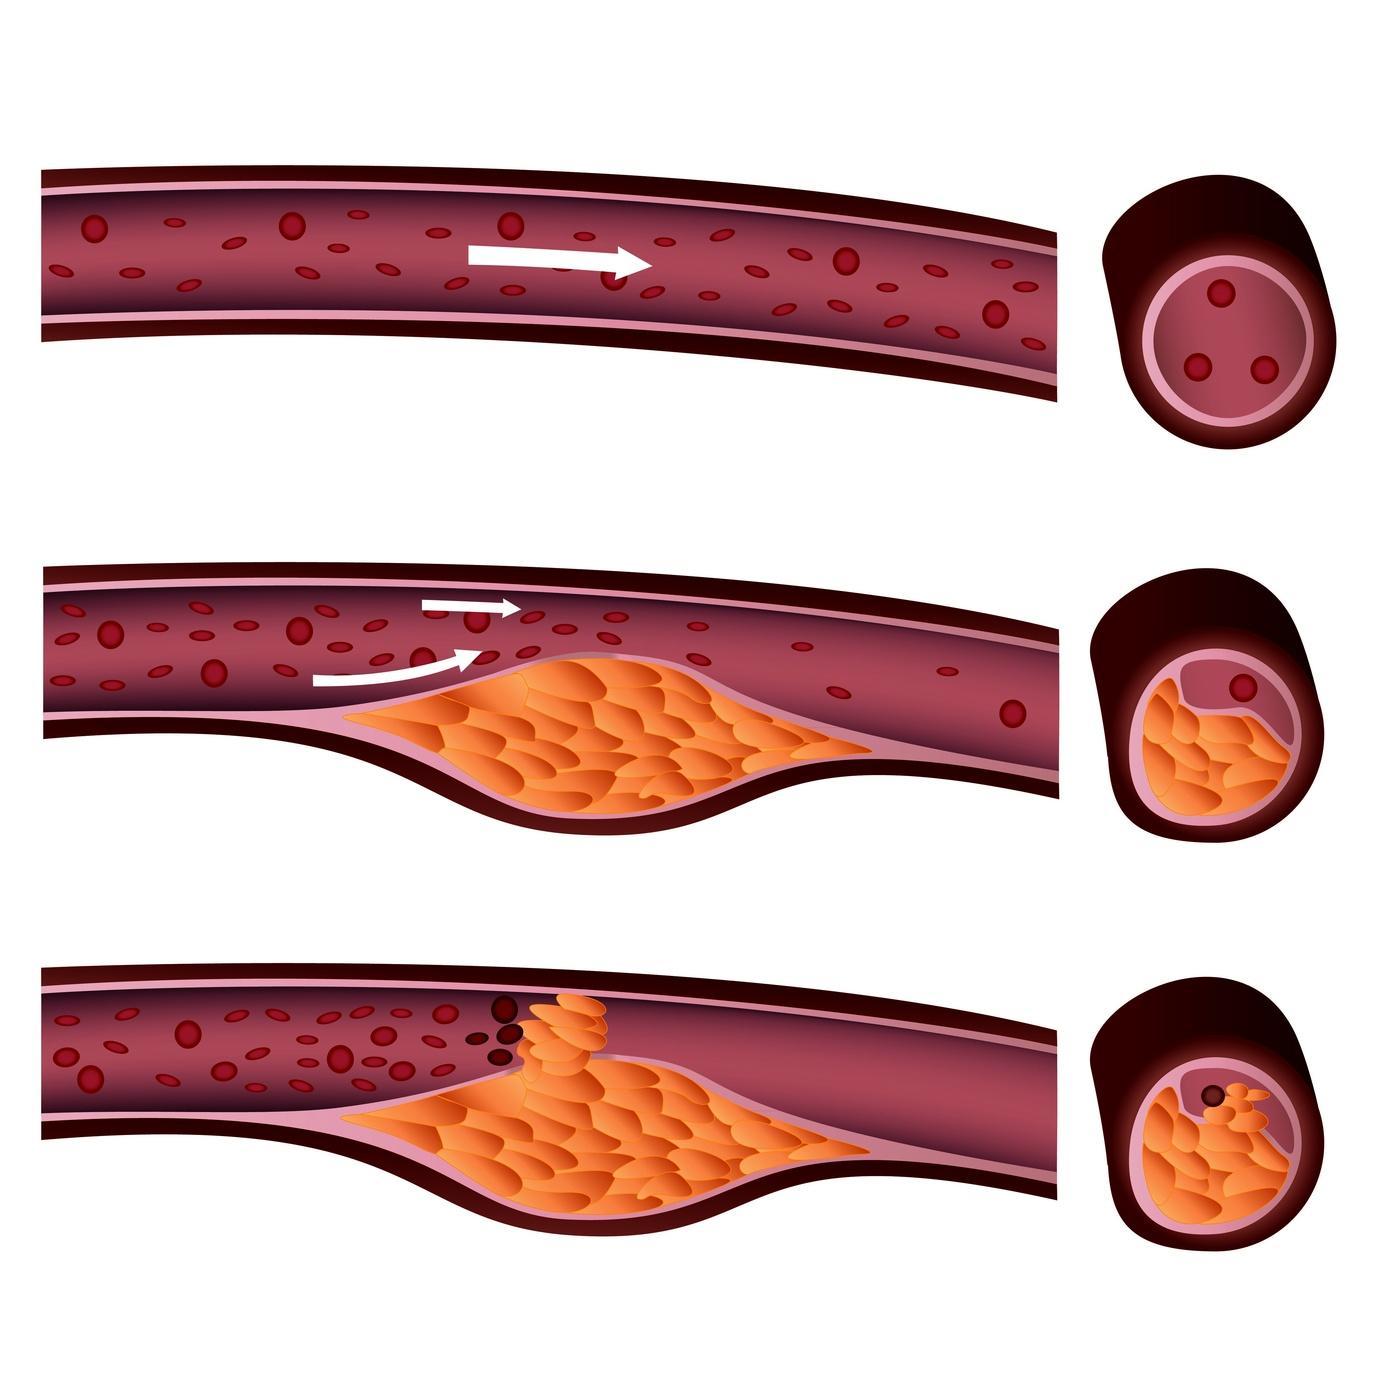 Herzerfrischend Fotolia_37780751_M Bypassoperation: Wenn die Gefäße eng werden Diagnose und Therapie  Operation minimal-invasiv Herzmuskel Herzinfarkt Bypass